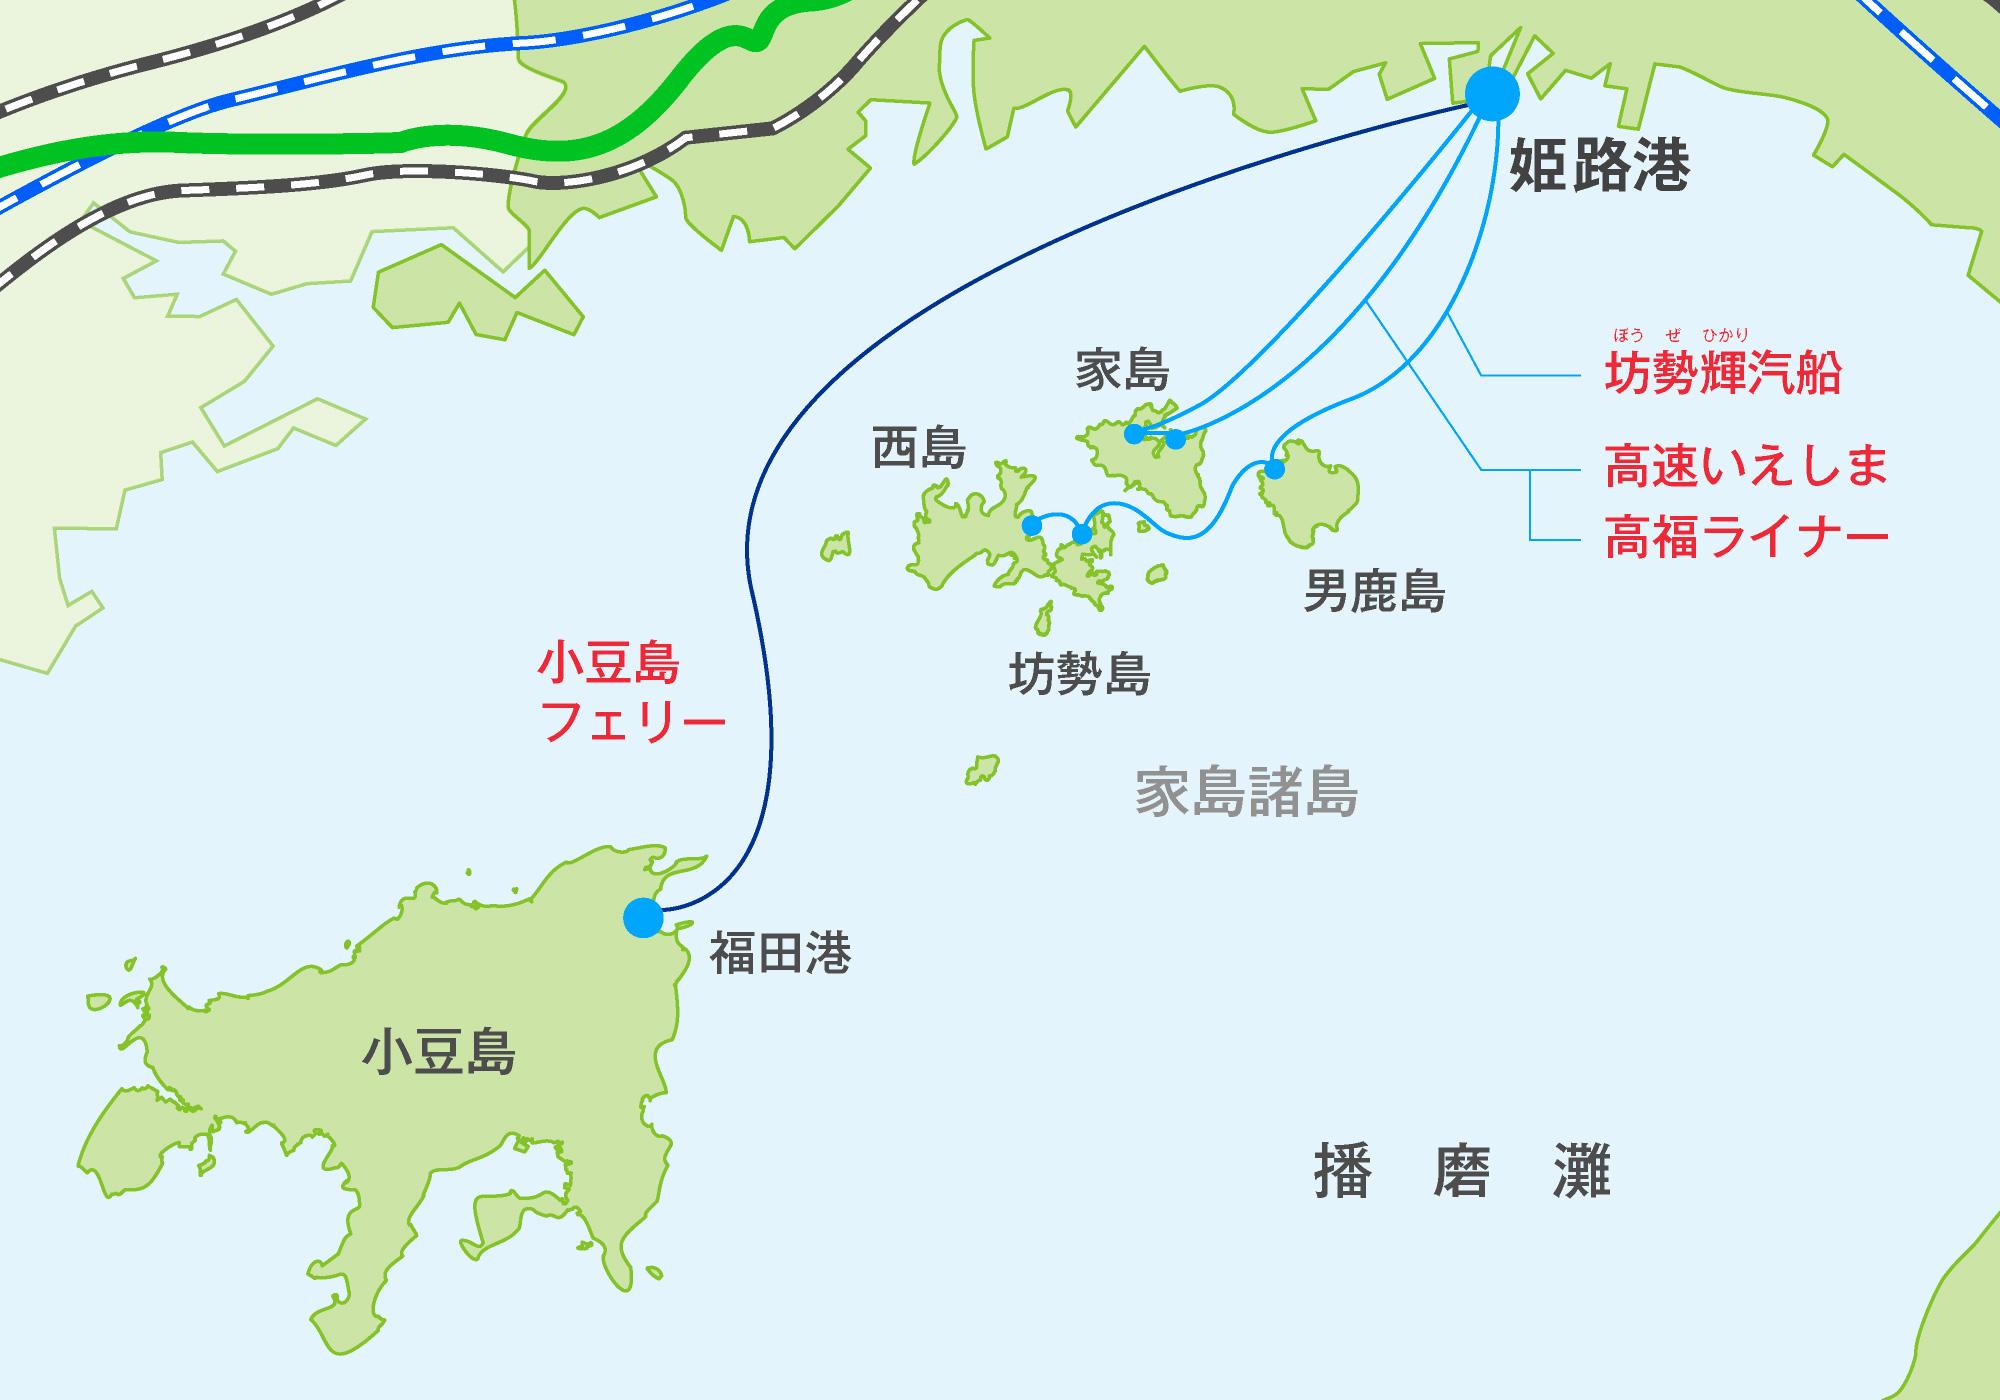 旅客船アクセス地図